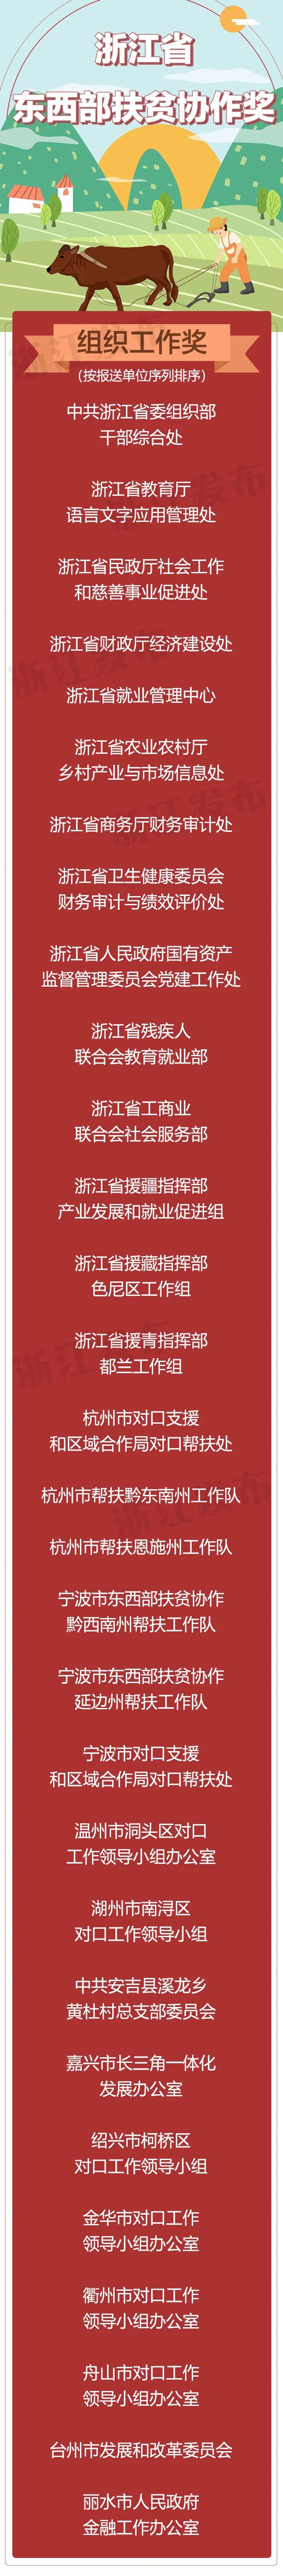 华美官网注册:位180名个人受表华美官网注册彰浙图片